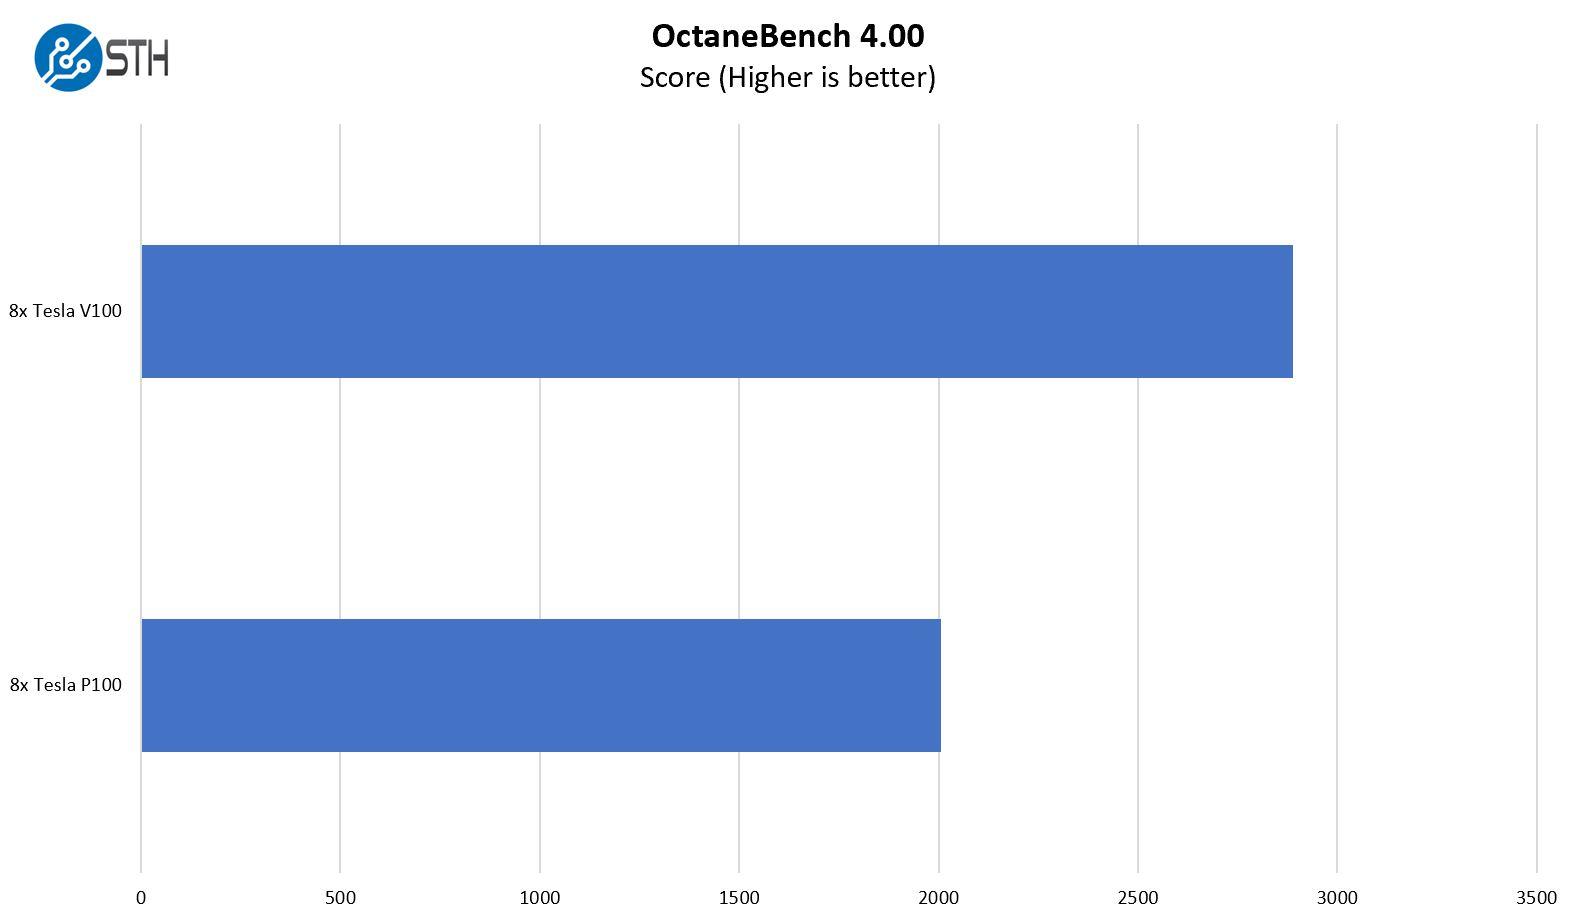 OctaneBench 4.00 Tesla V100